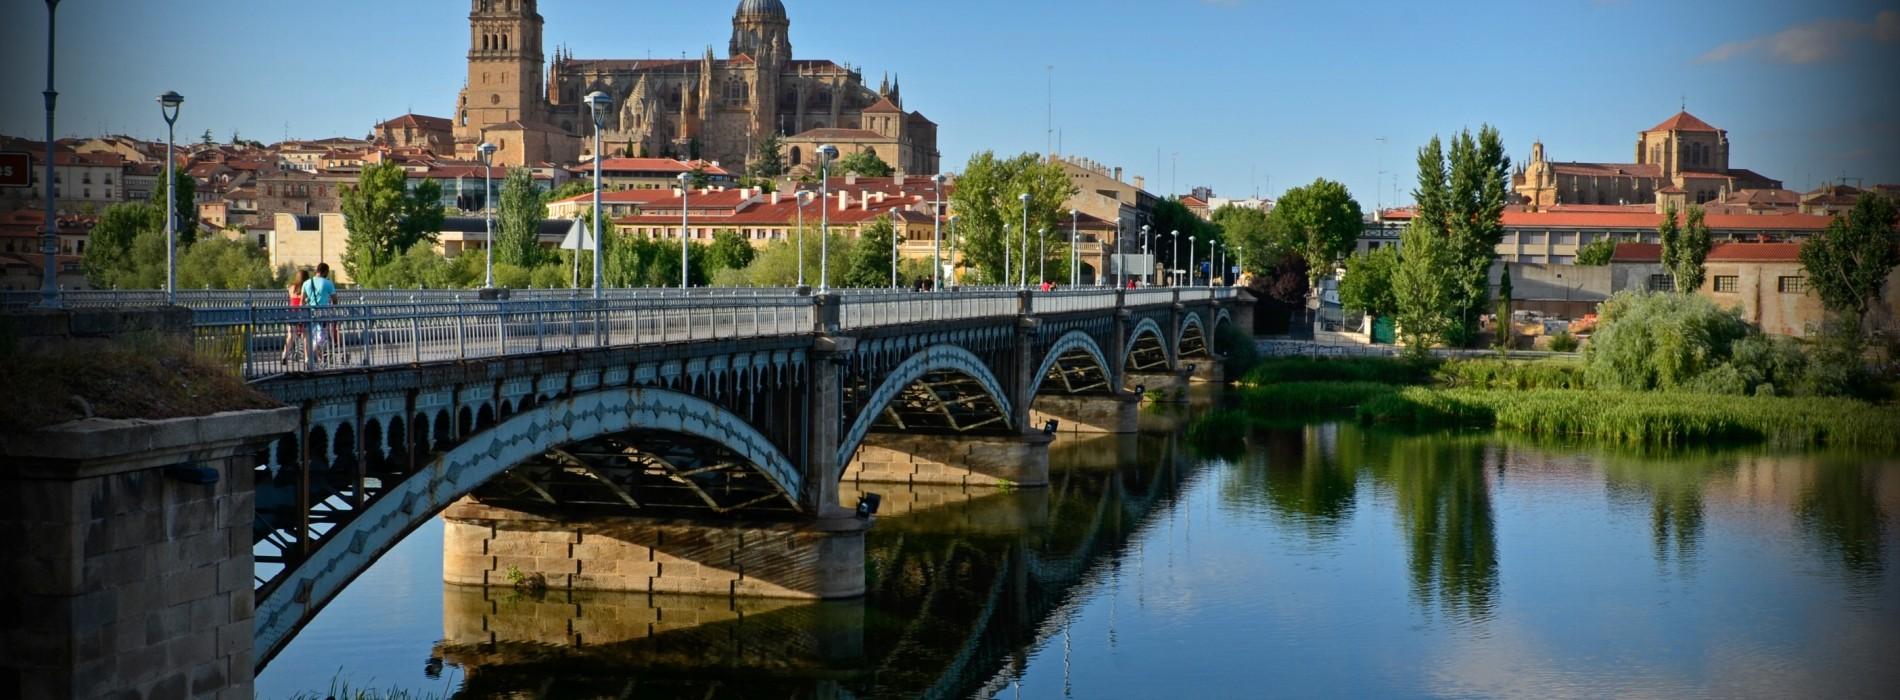 Qué visitar en Salamanca